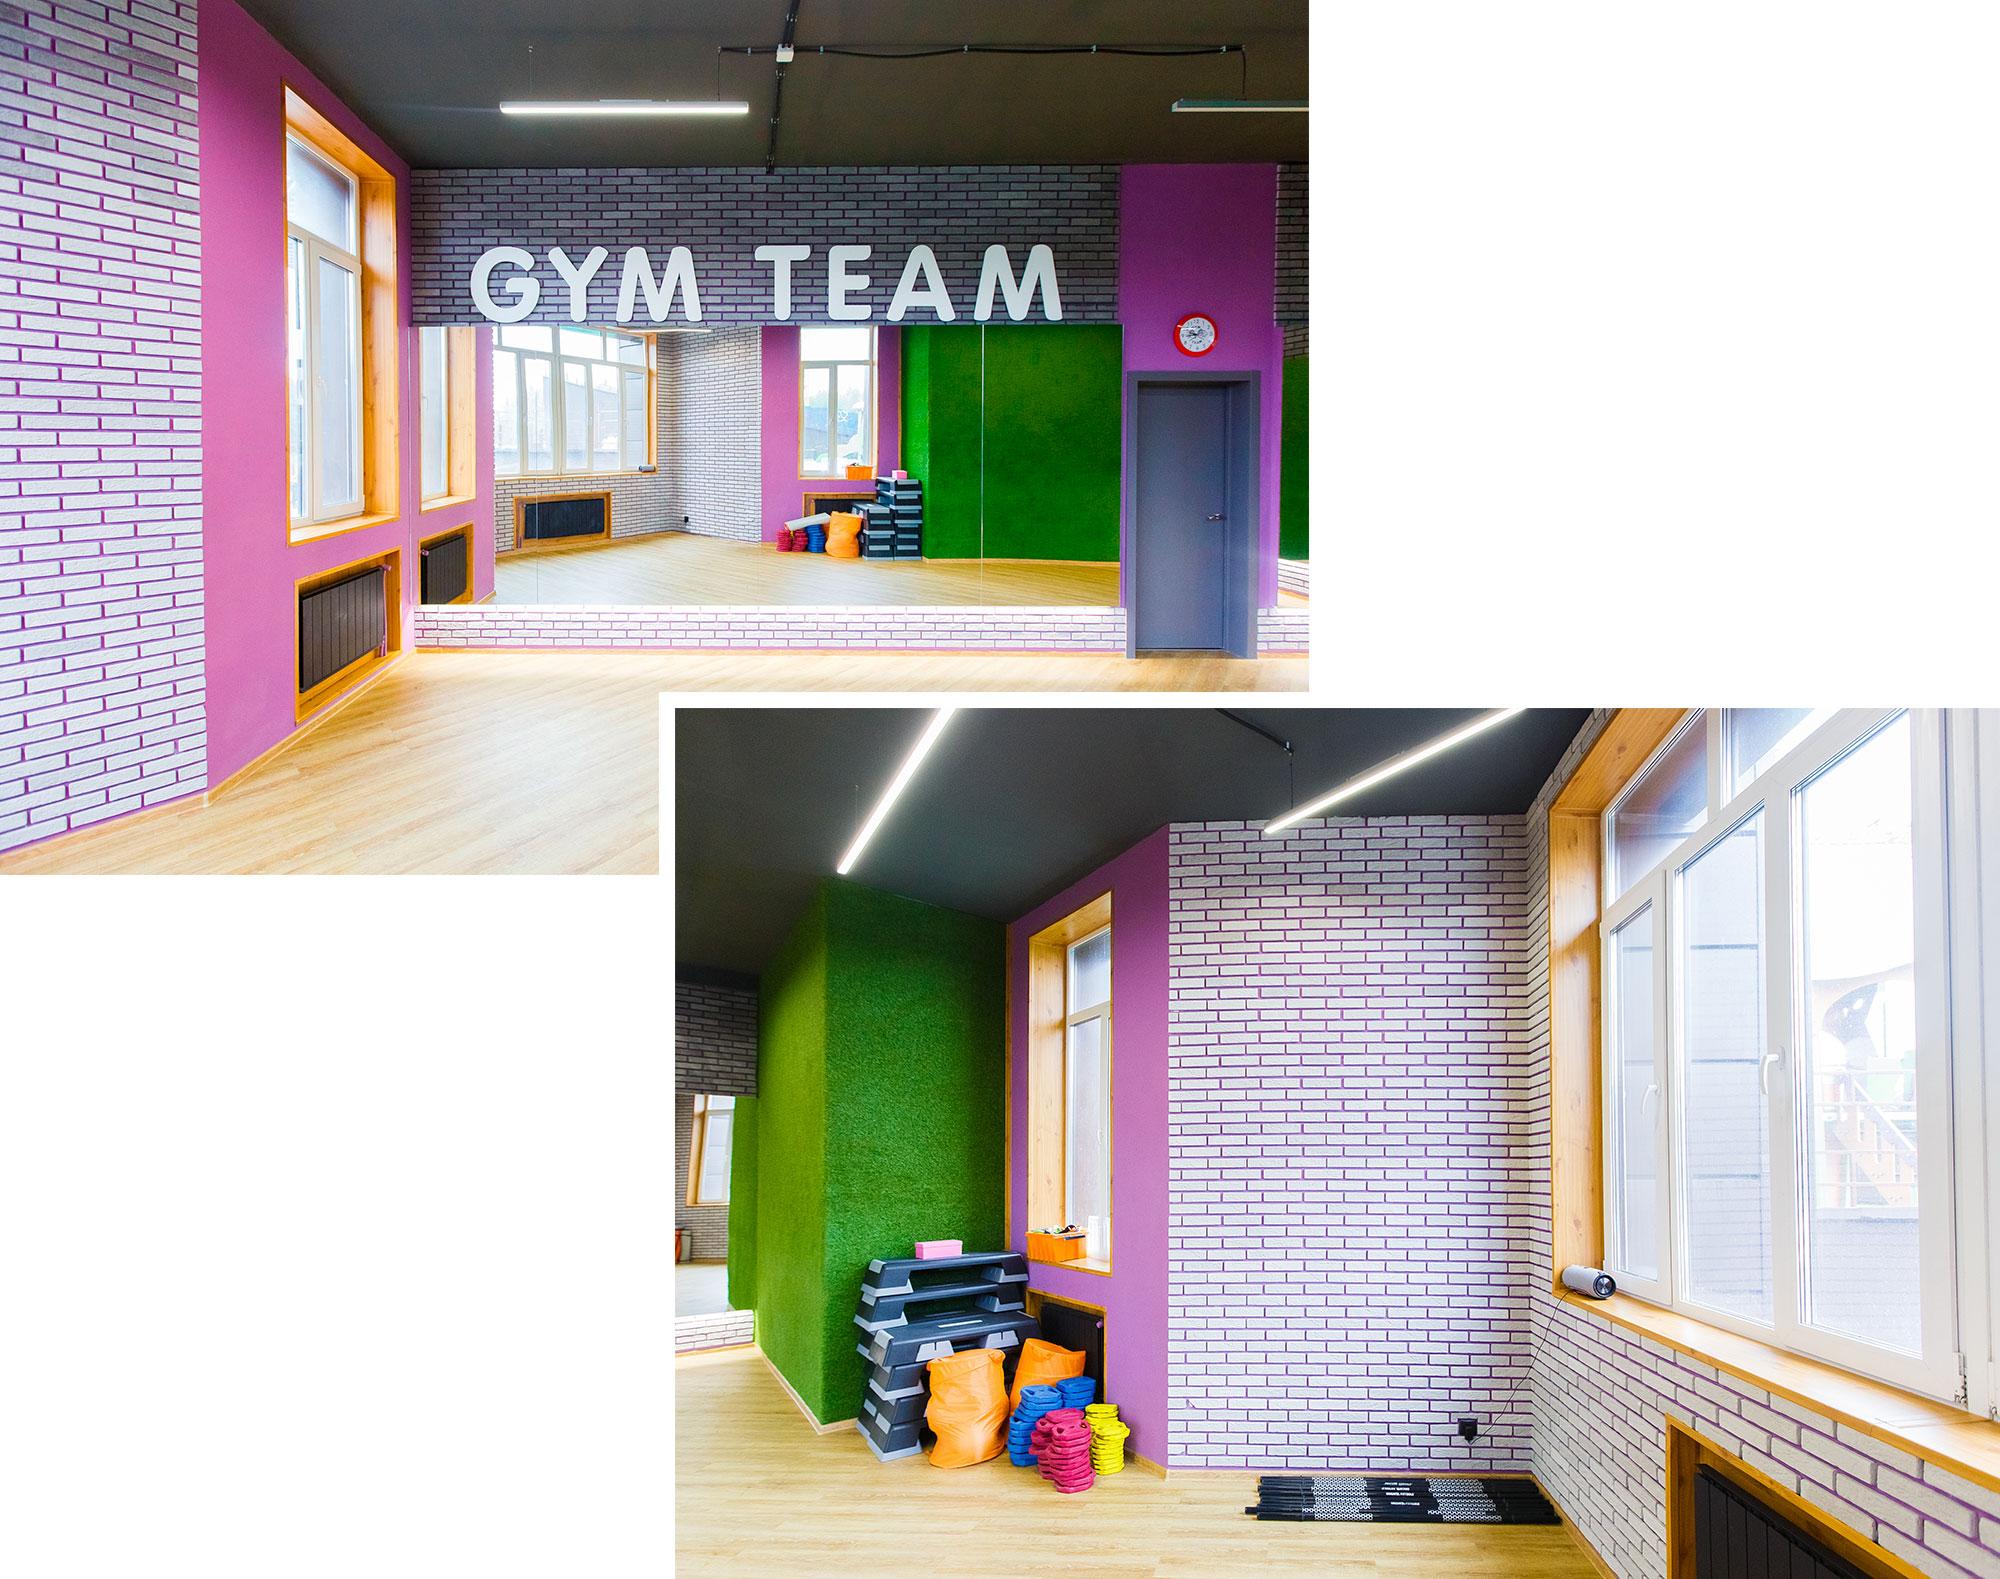 Дизайн интерьера групповых занятий в фитнес-клубе